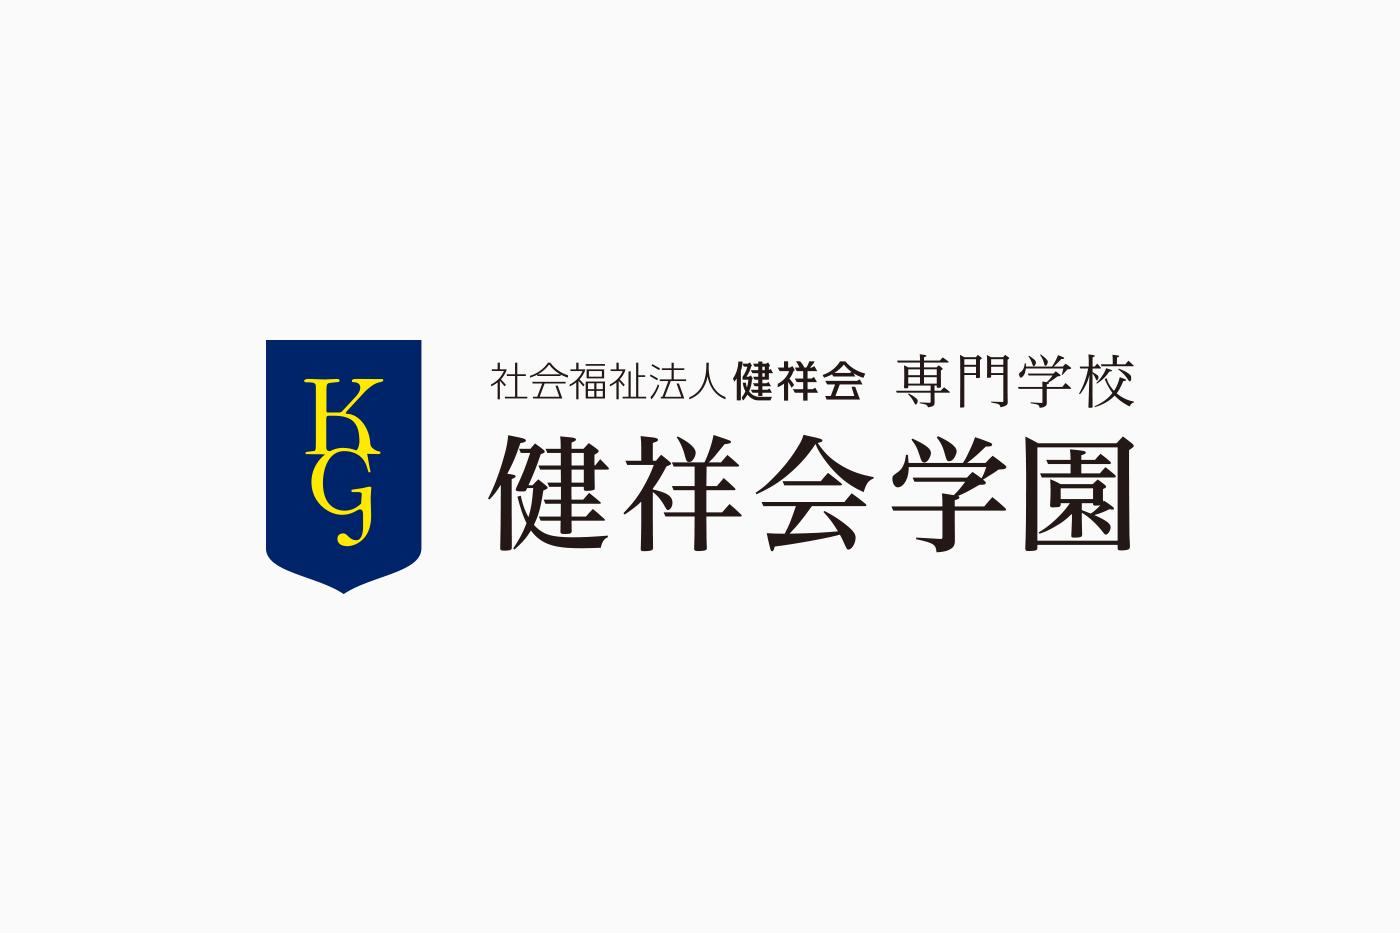 専門学校 健祥会学園ロゴデザイン制作